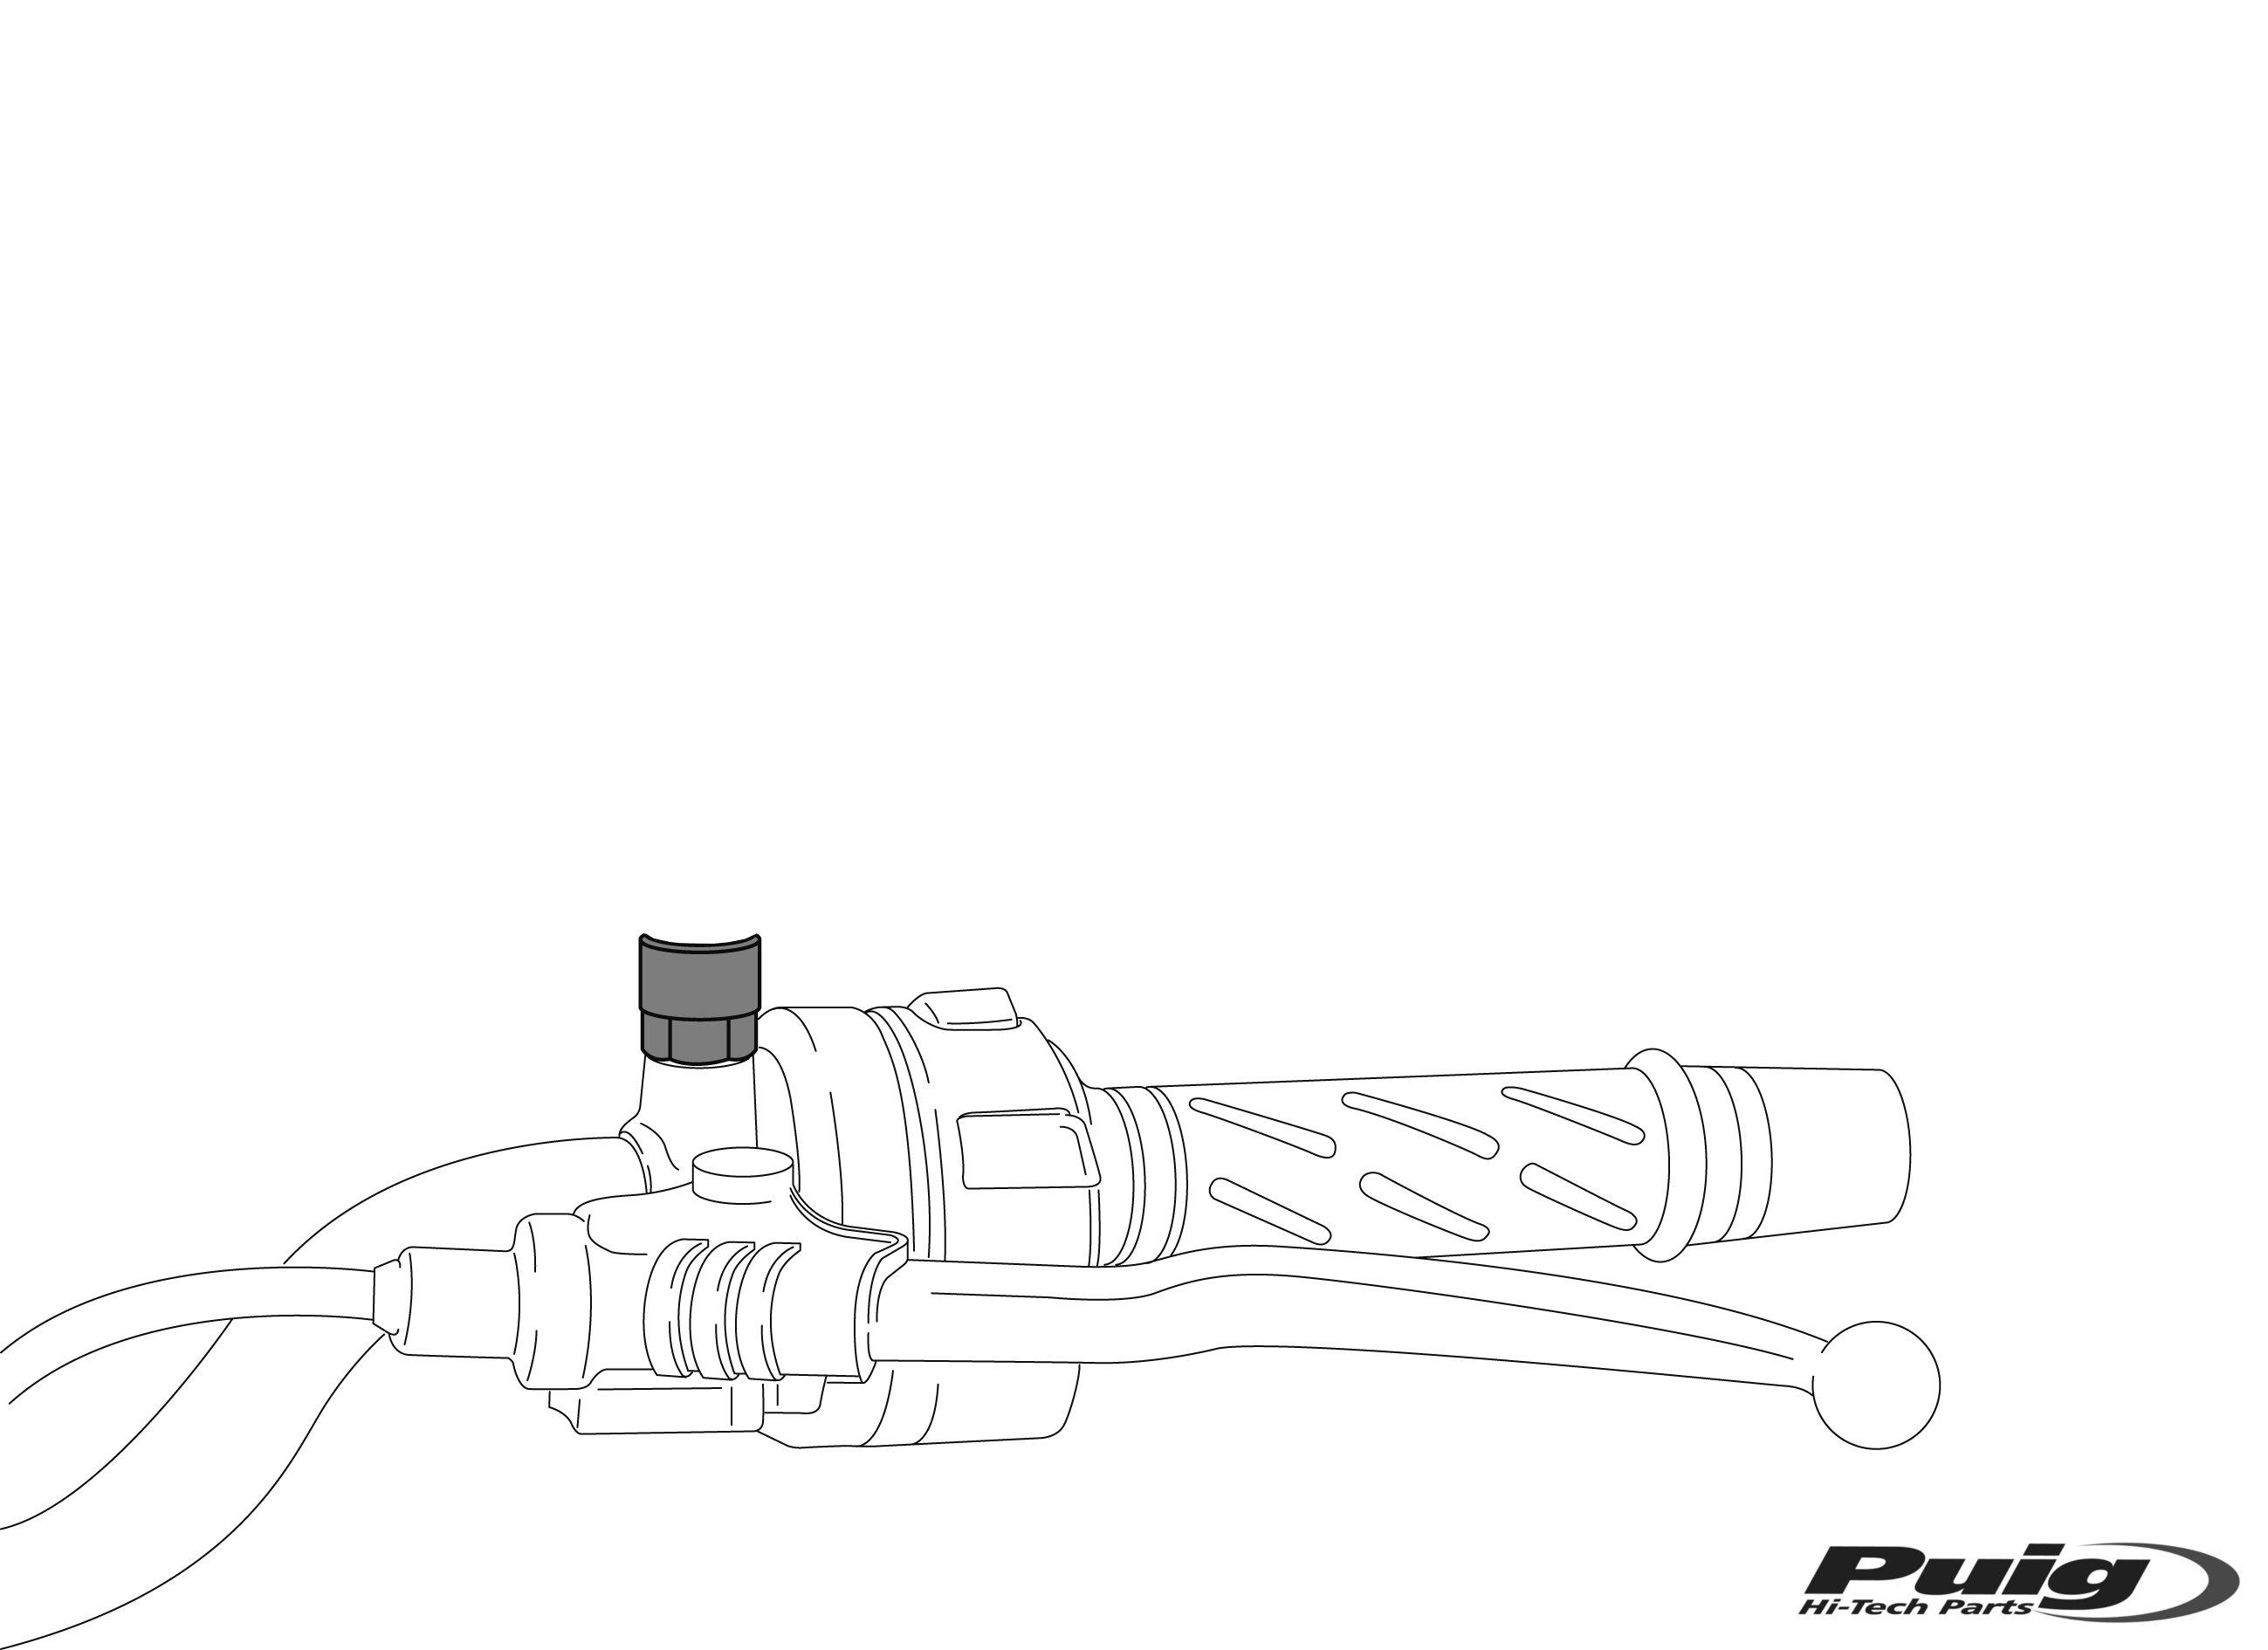 Adaptador retrovisor al carenado Puig 9526N lado izquierdo para SUZUKI GSX-R250 2017